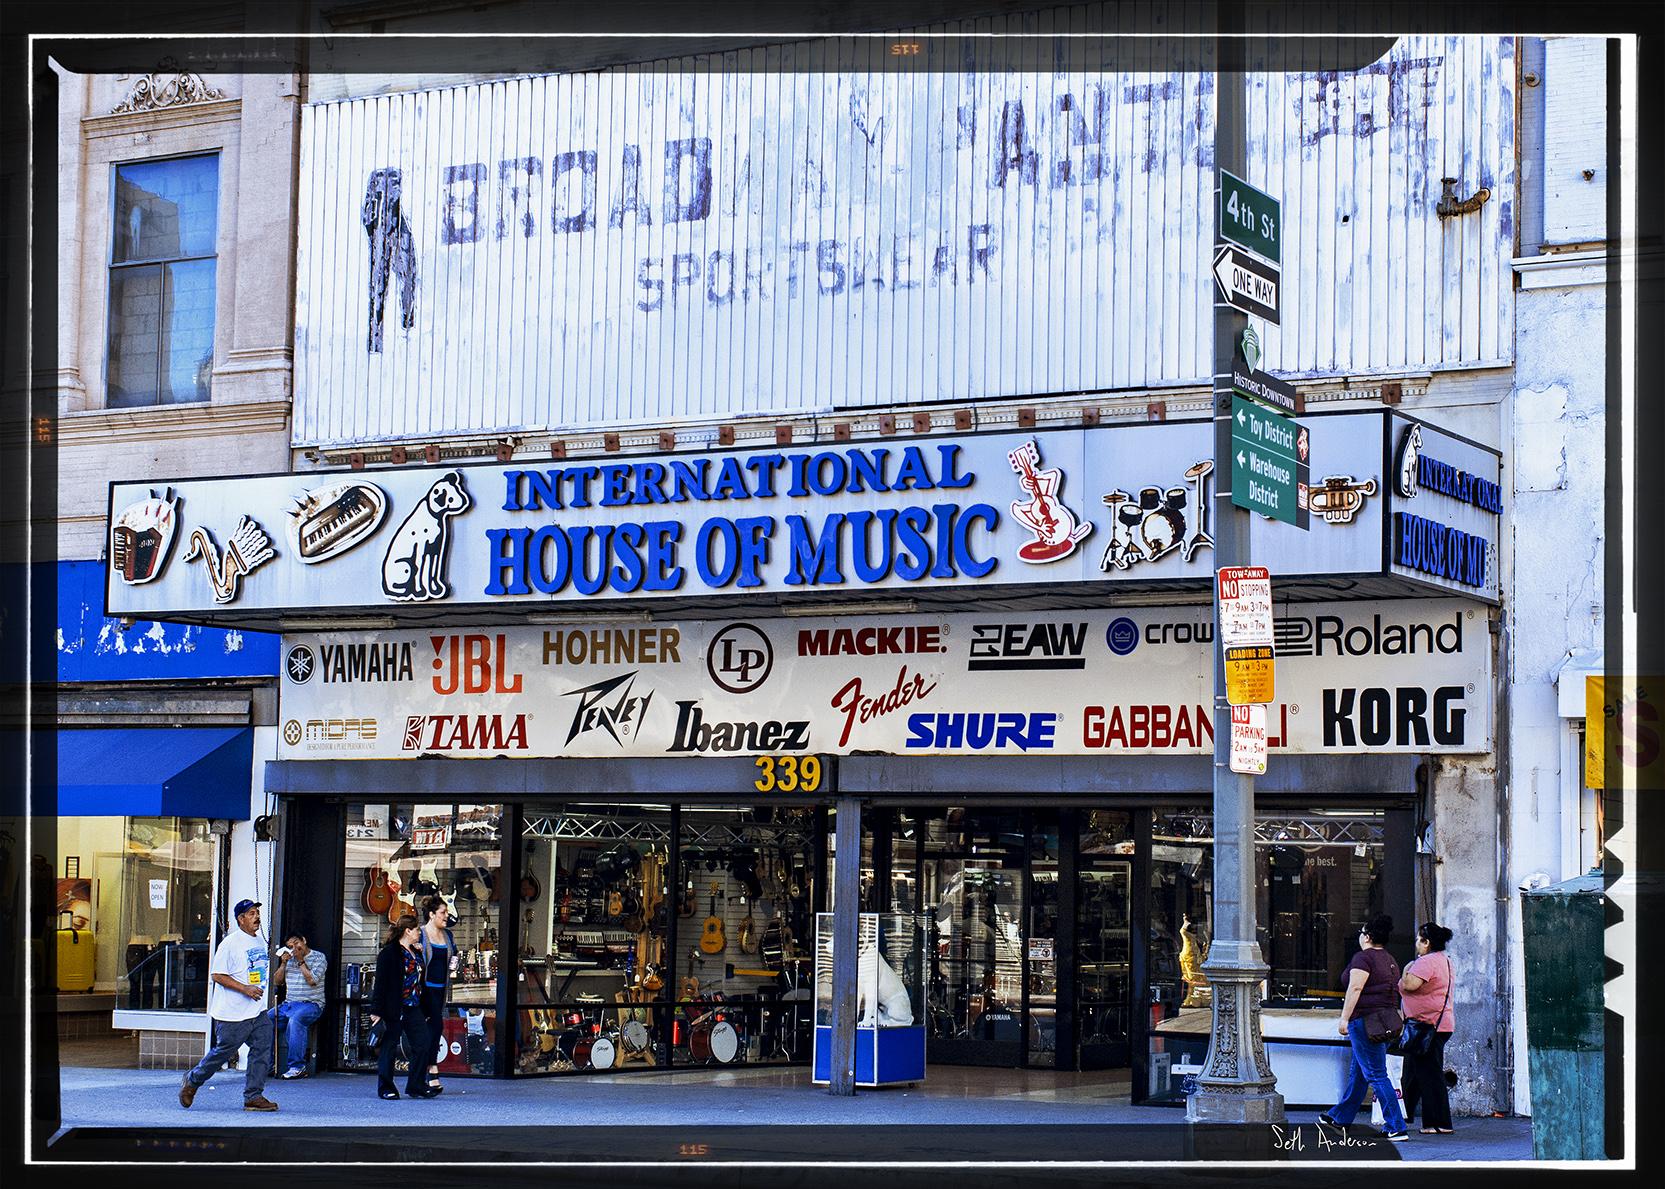 International House of Music , photo wikipedia